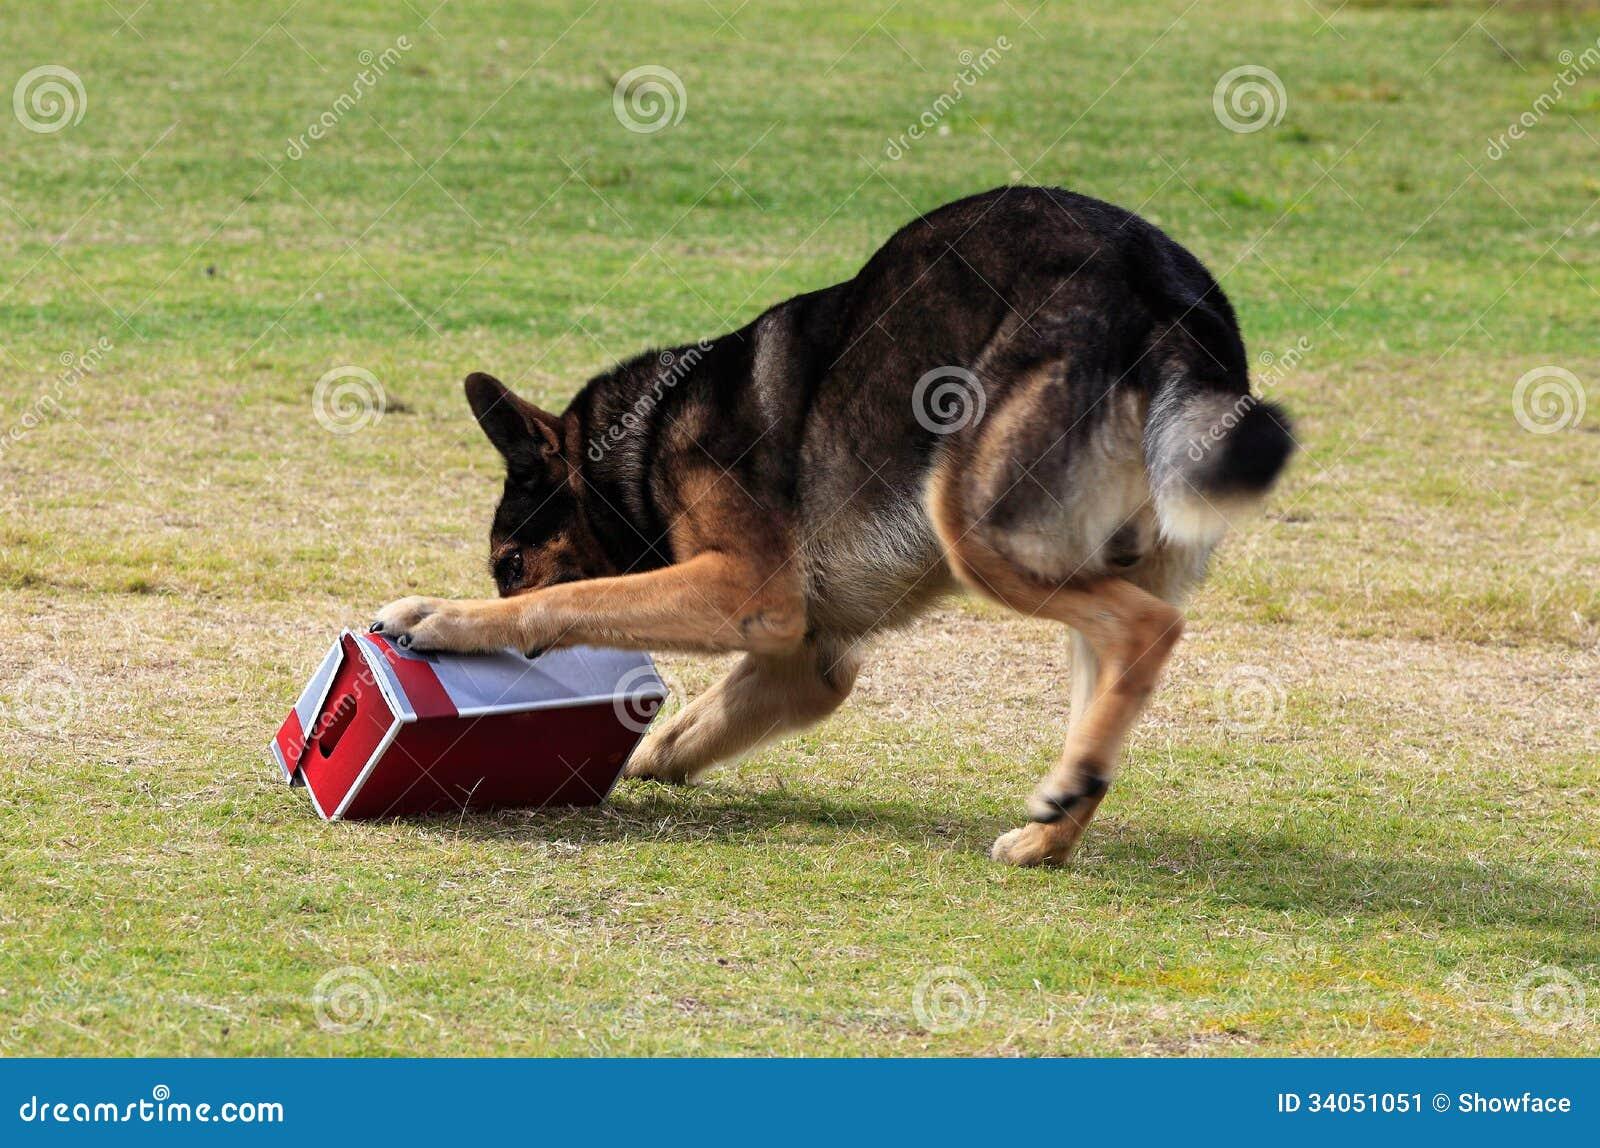 发现的工作犬服麻醉剂或炸药